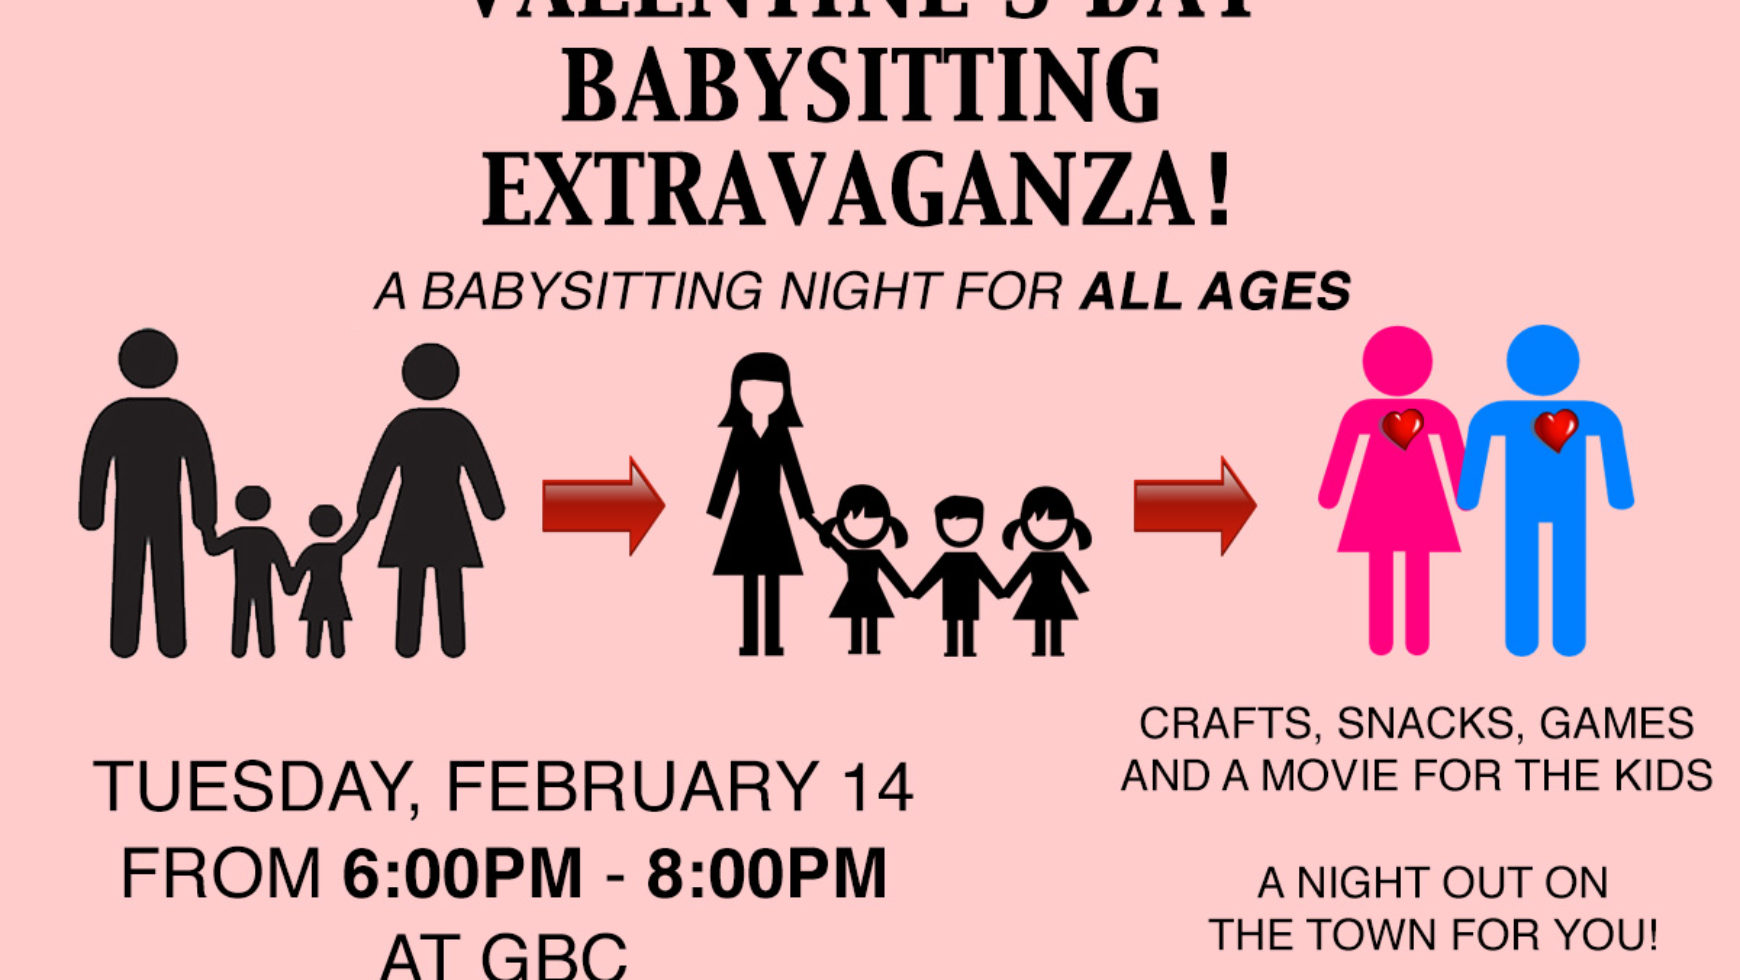 Valentine's Day Babysitting Extravaganza!